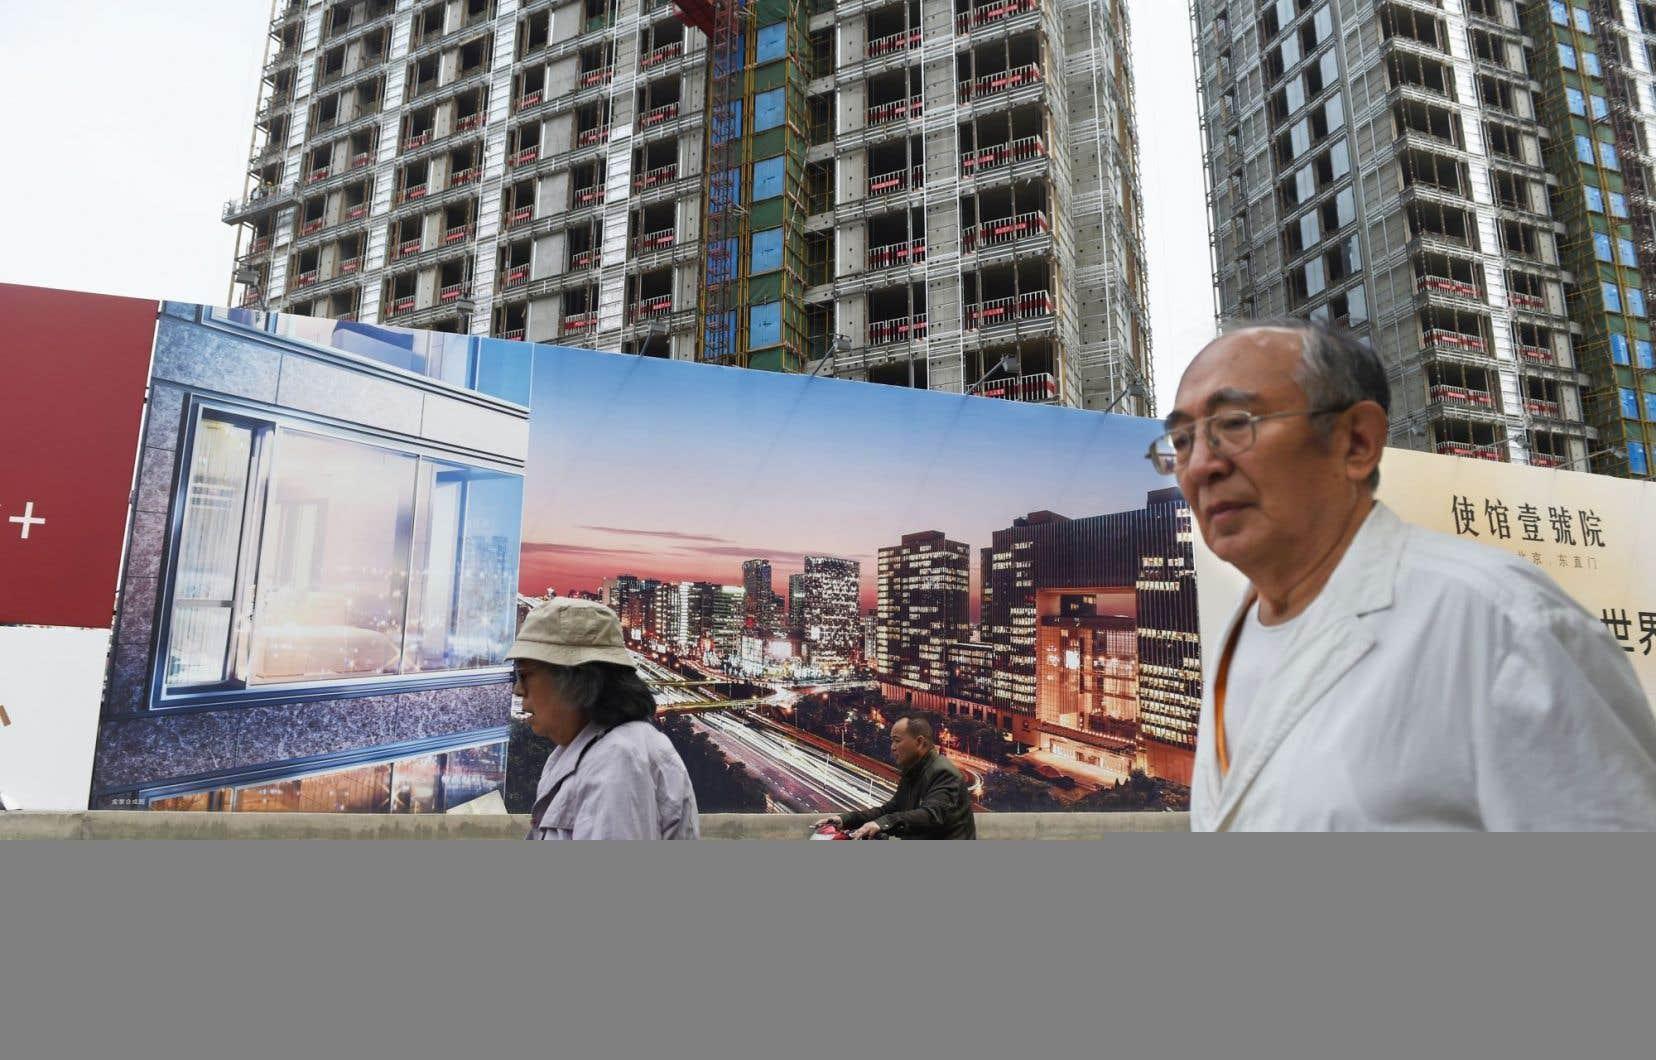 À Pékin, un passant devant un projet immobilier